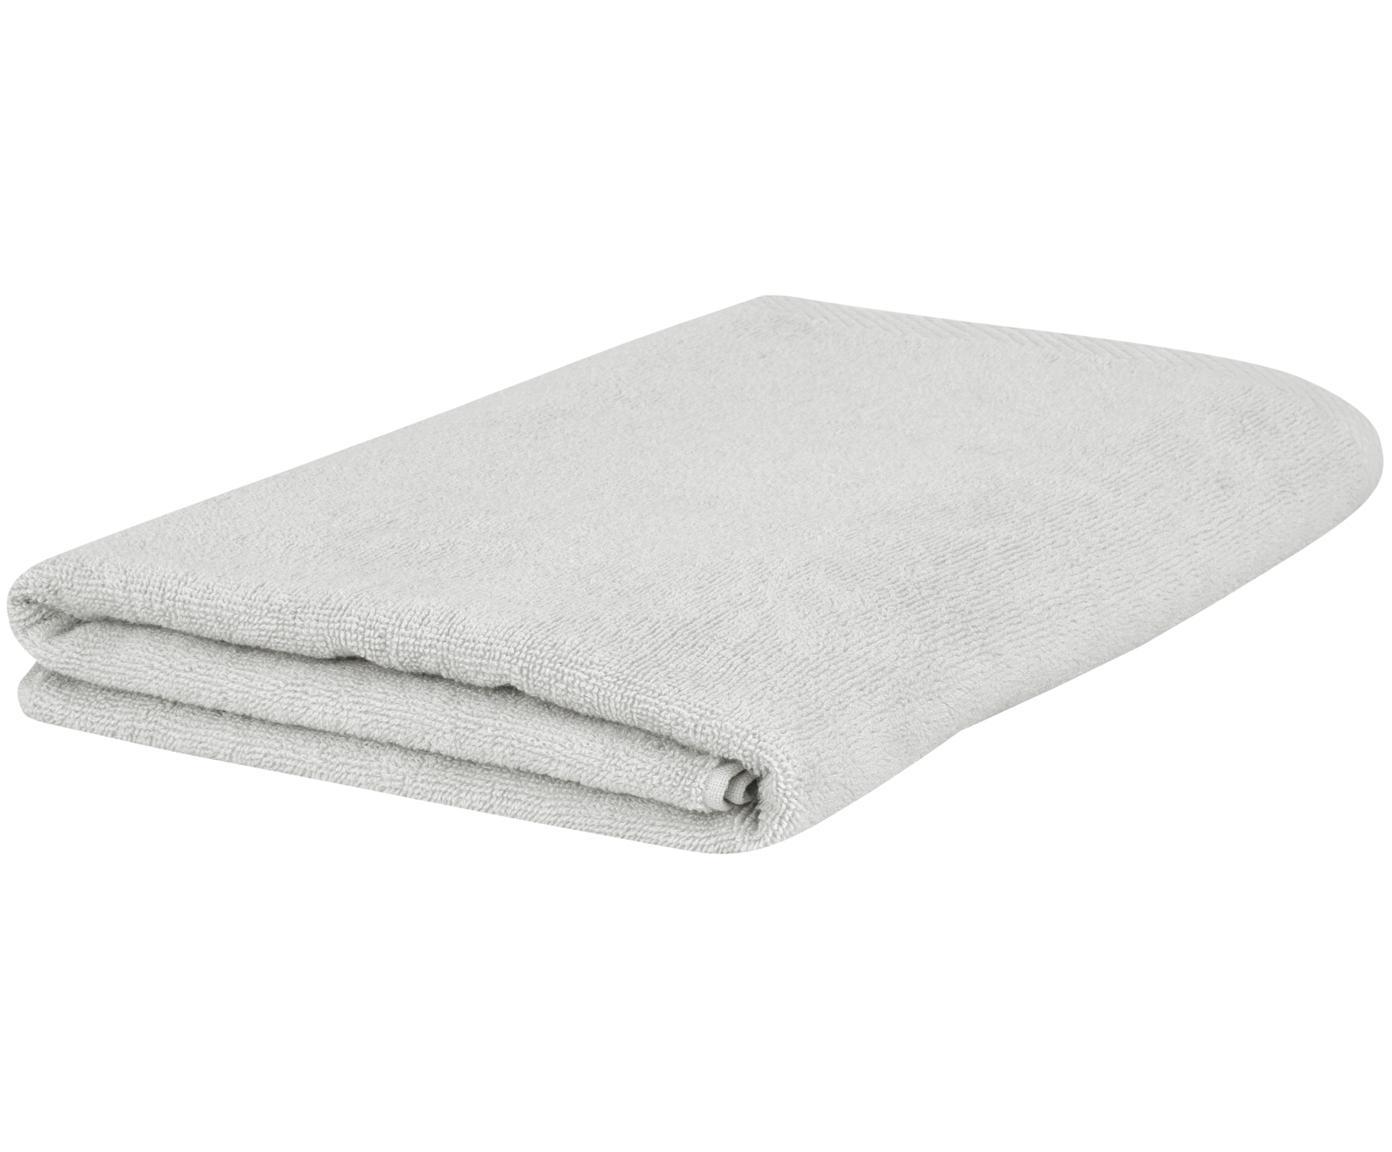 Einfarbiges Handtuch Comfort, verschiedene Grössen, Hellgrau, Gästehandtuch